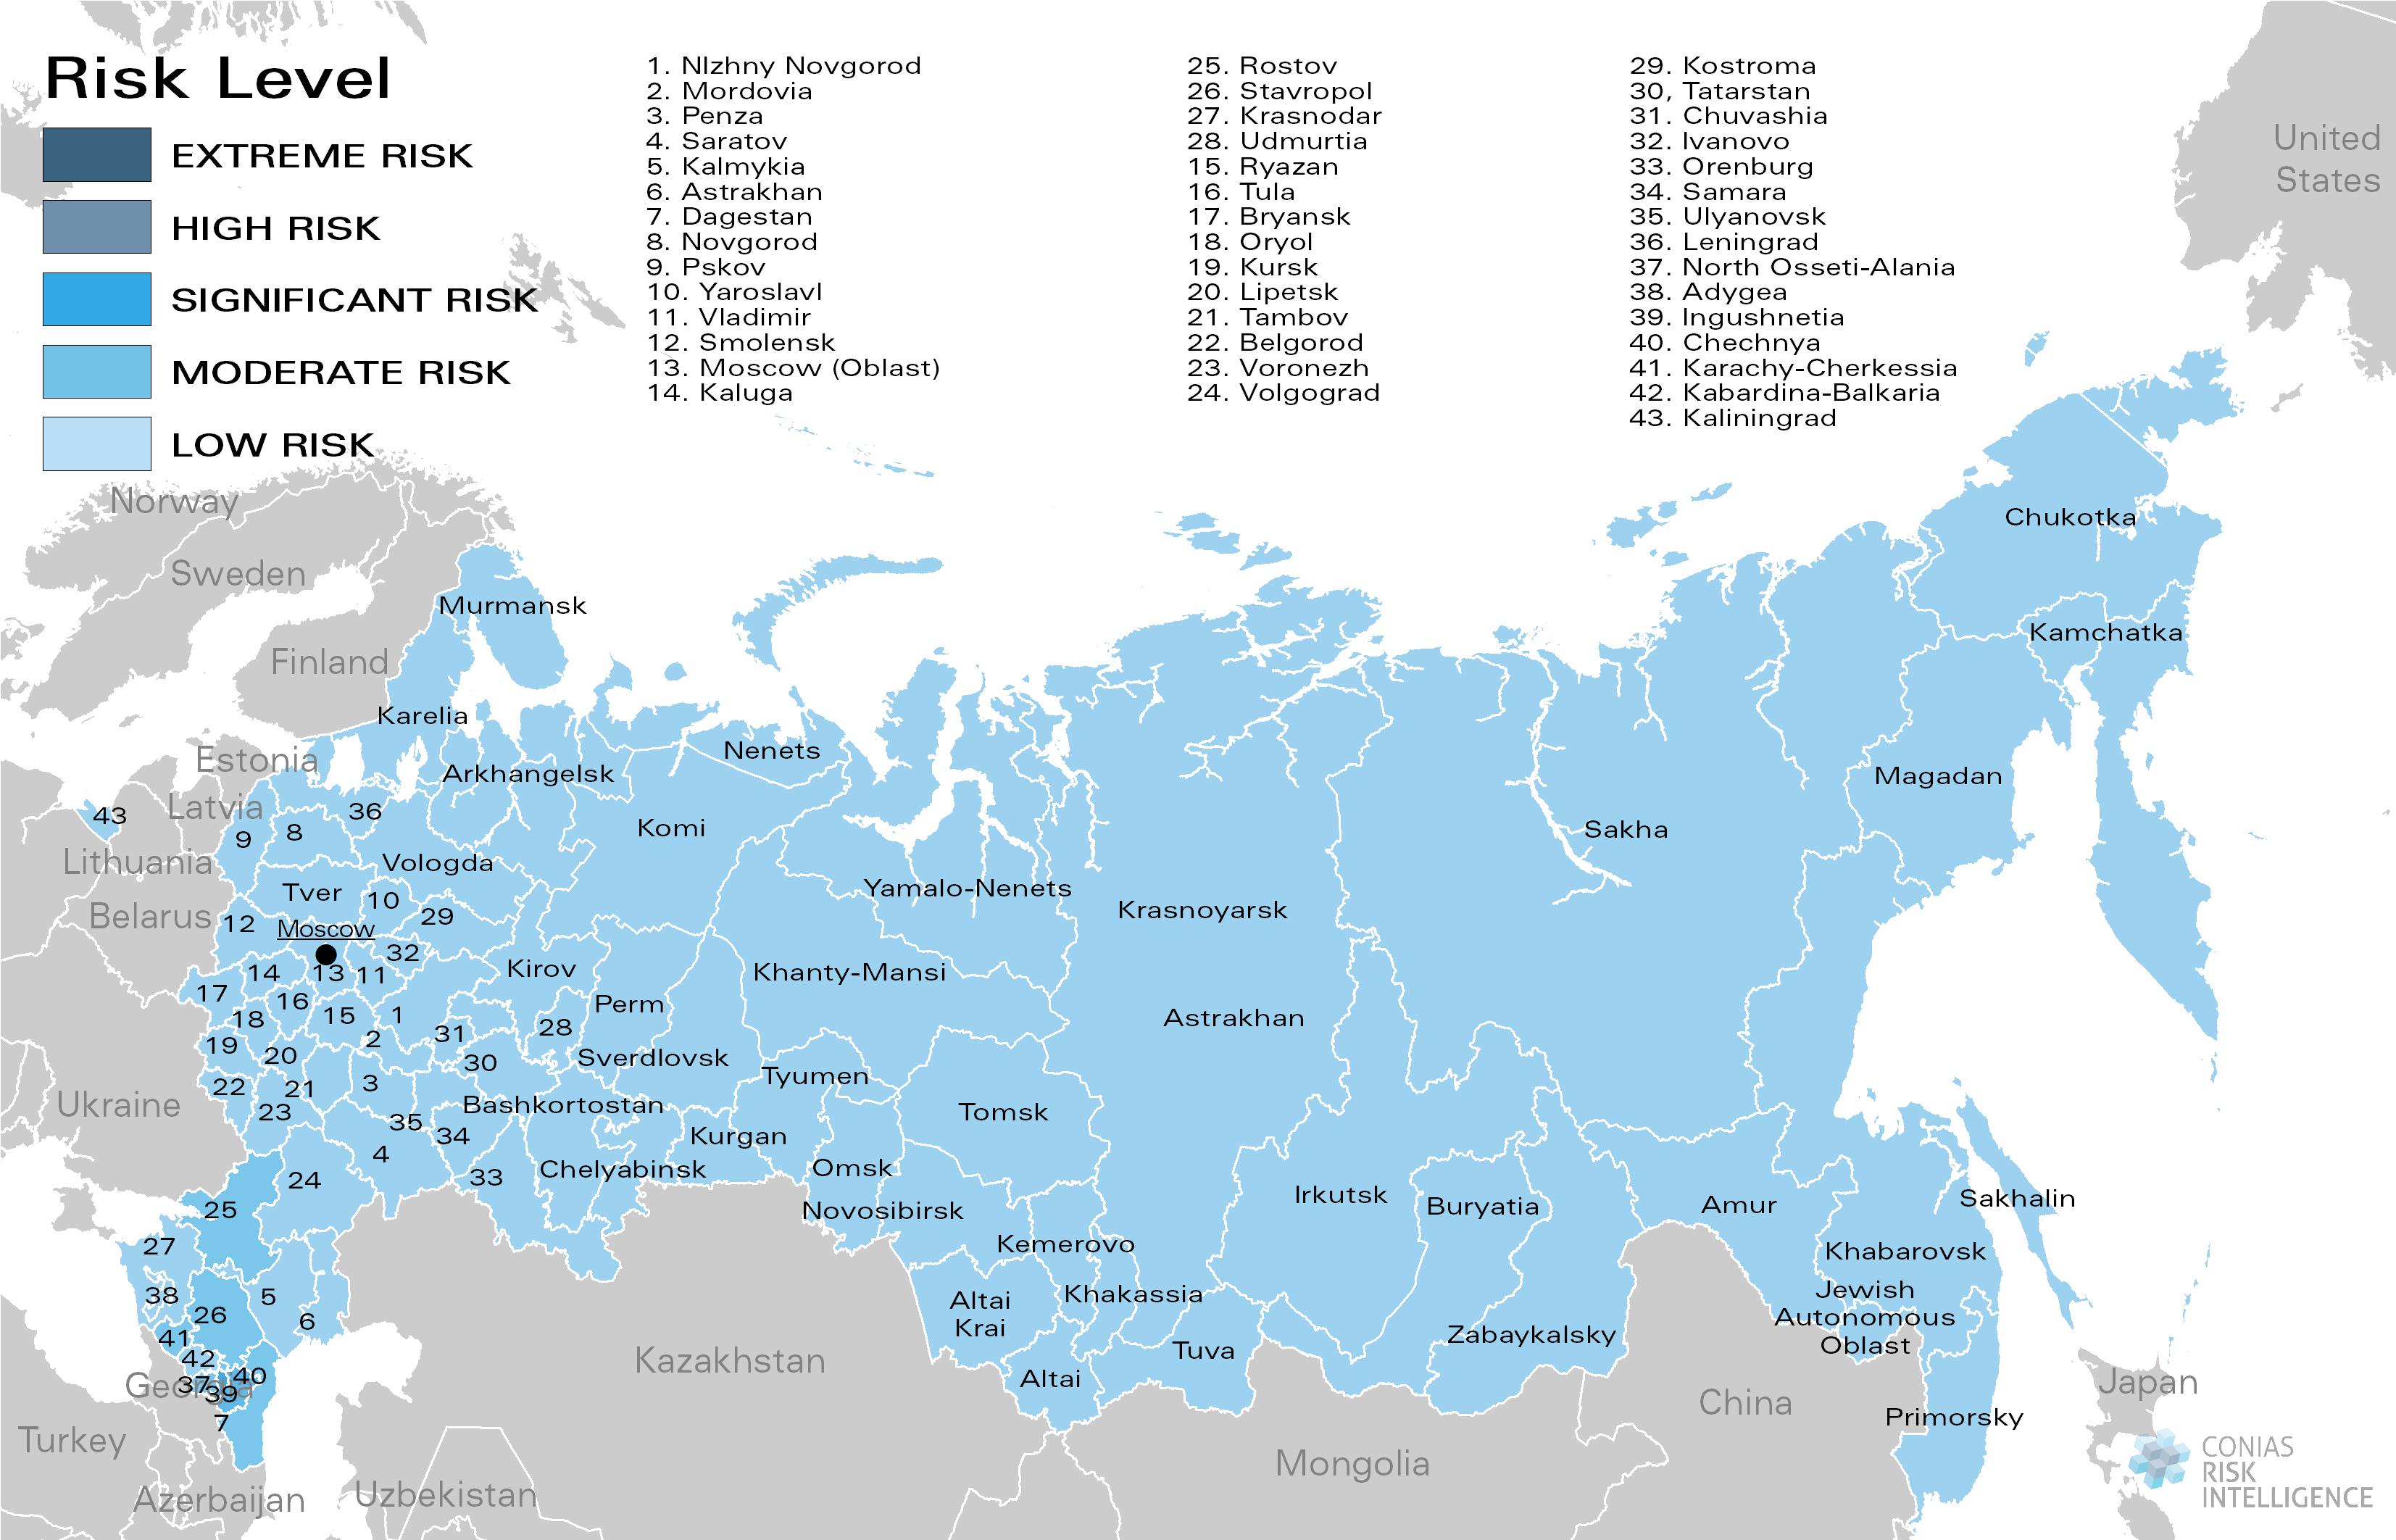 CONIAS Political Risk Maps Russland